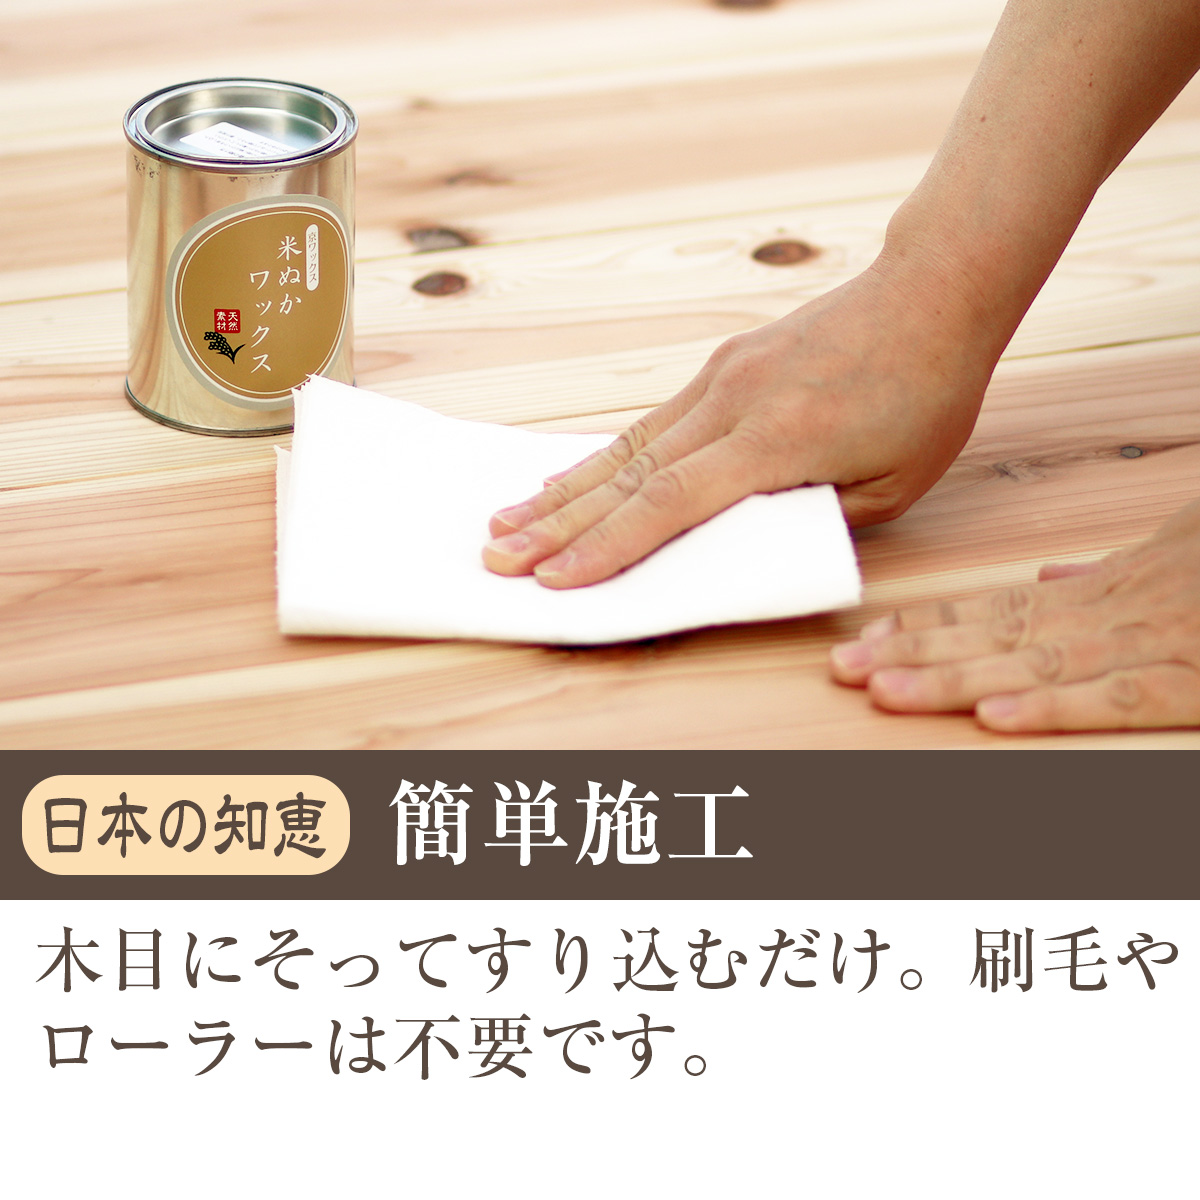 日本の知恵・簡単施工<br> 木目に沿ってすり込むだけ。刷毛やローラーは不要です